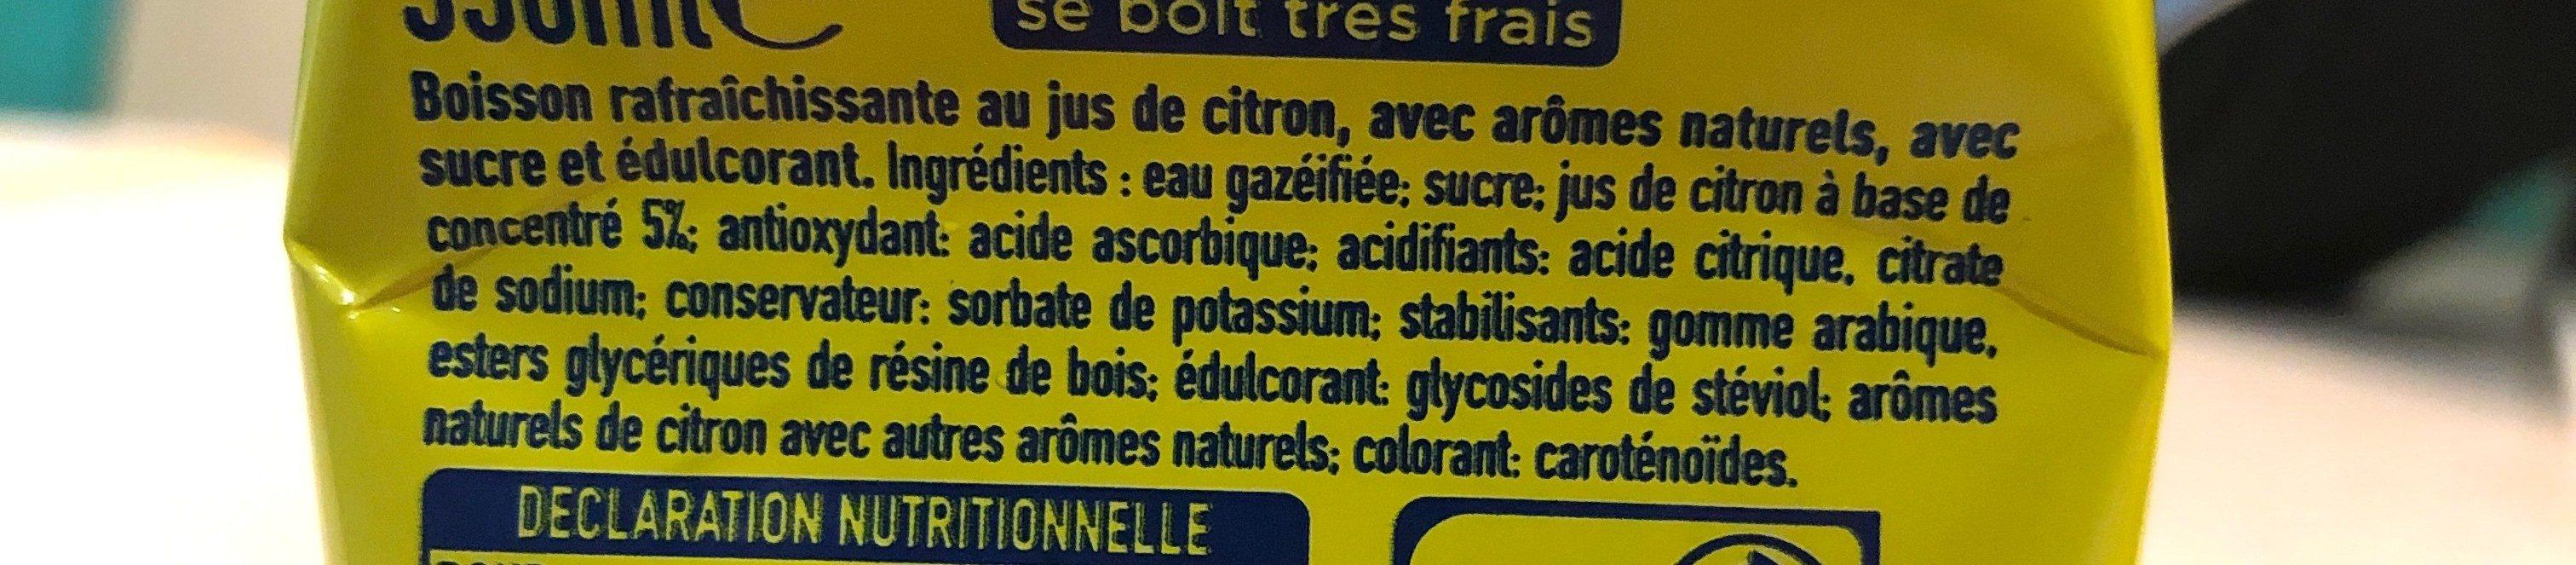 Fanta Citron frappé - Ingrédients - fr